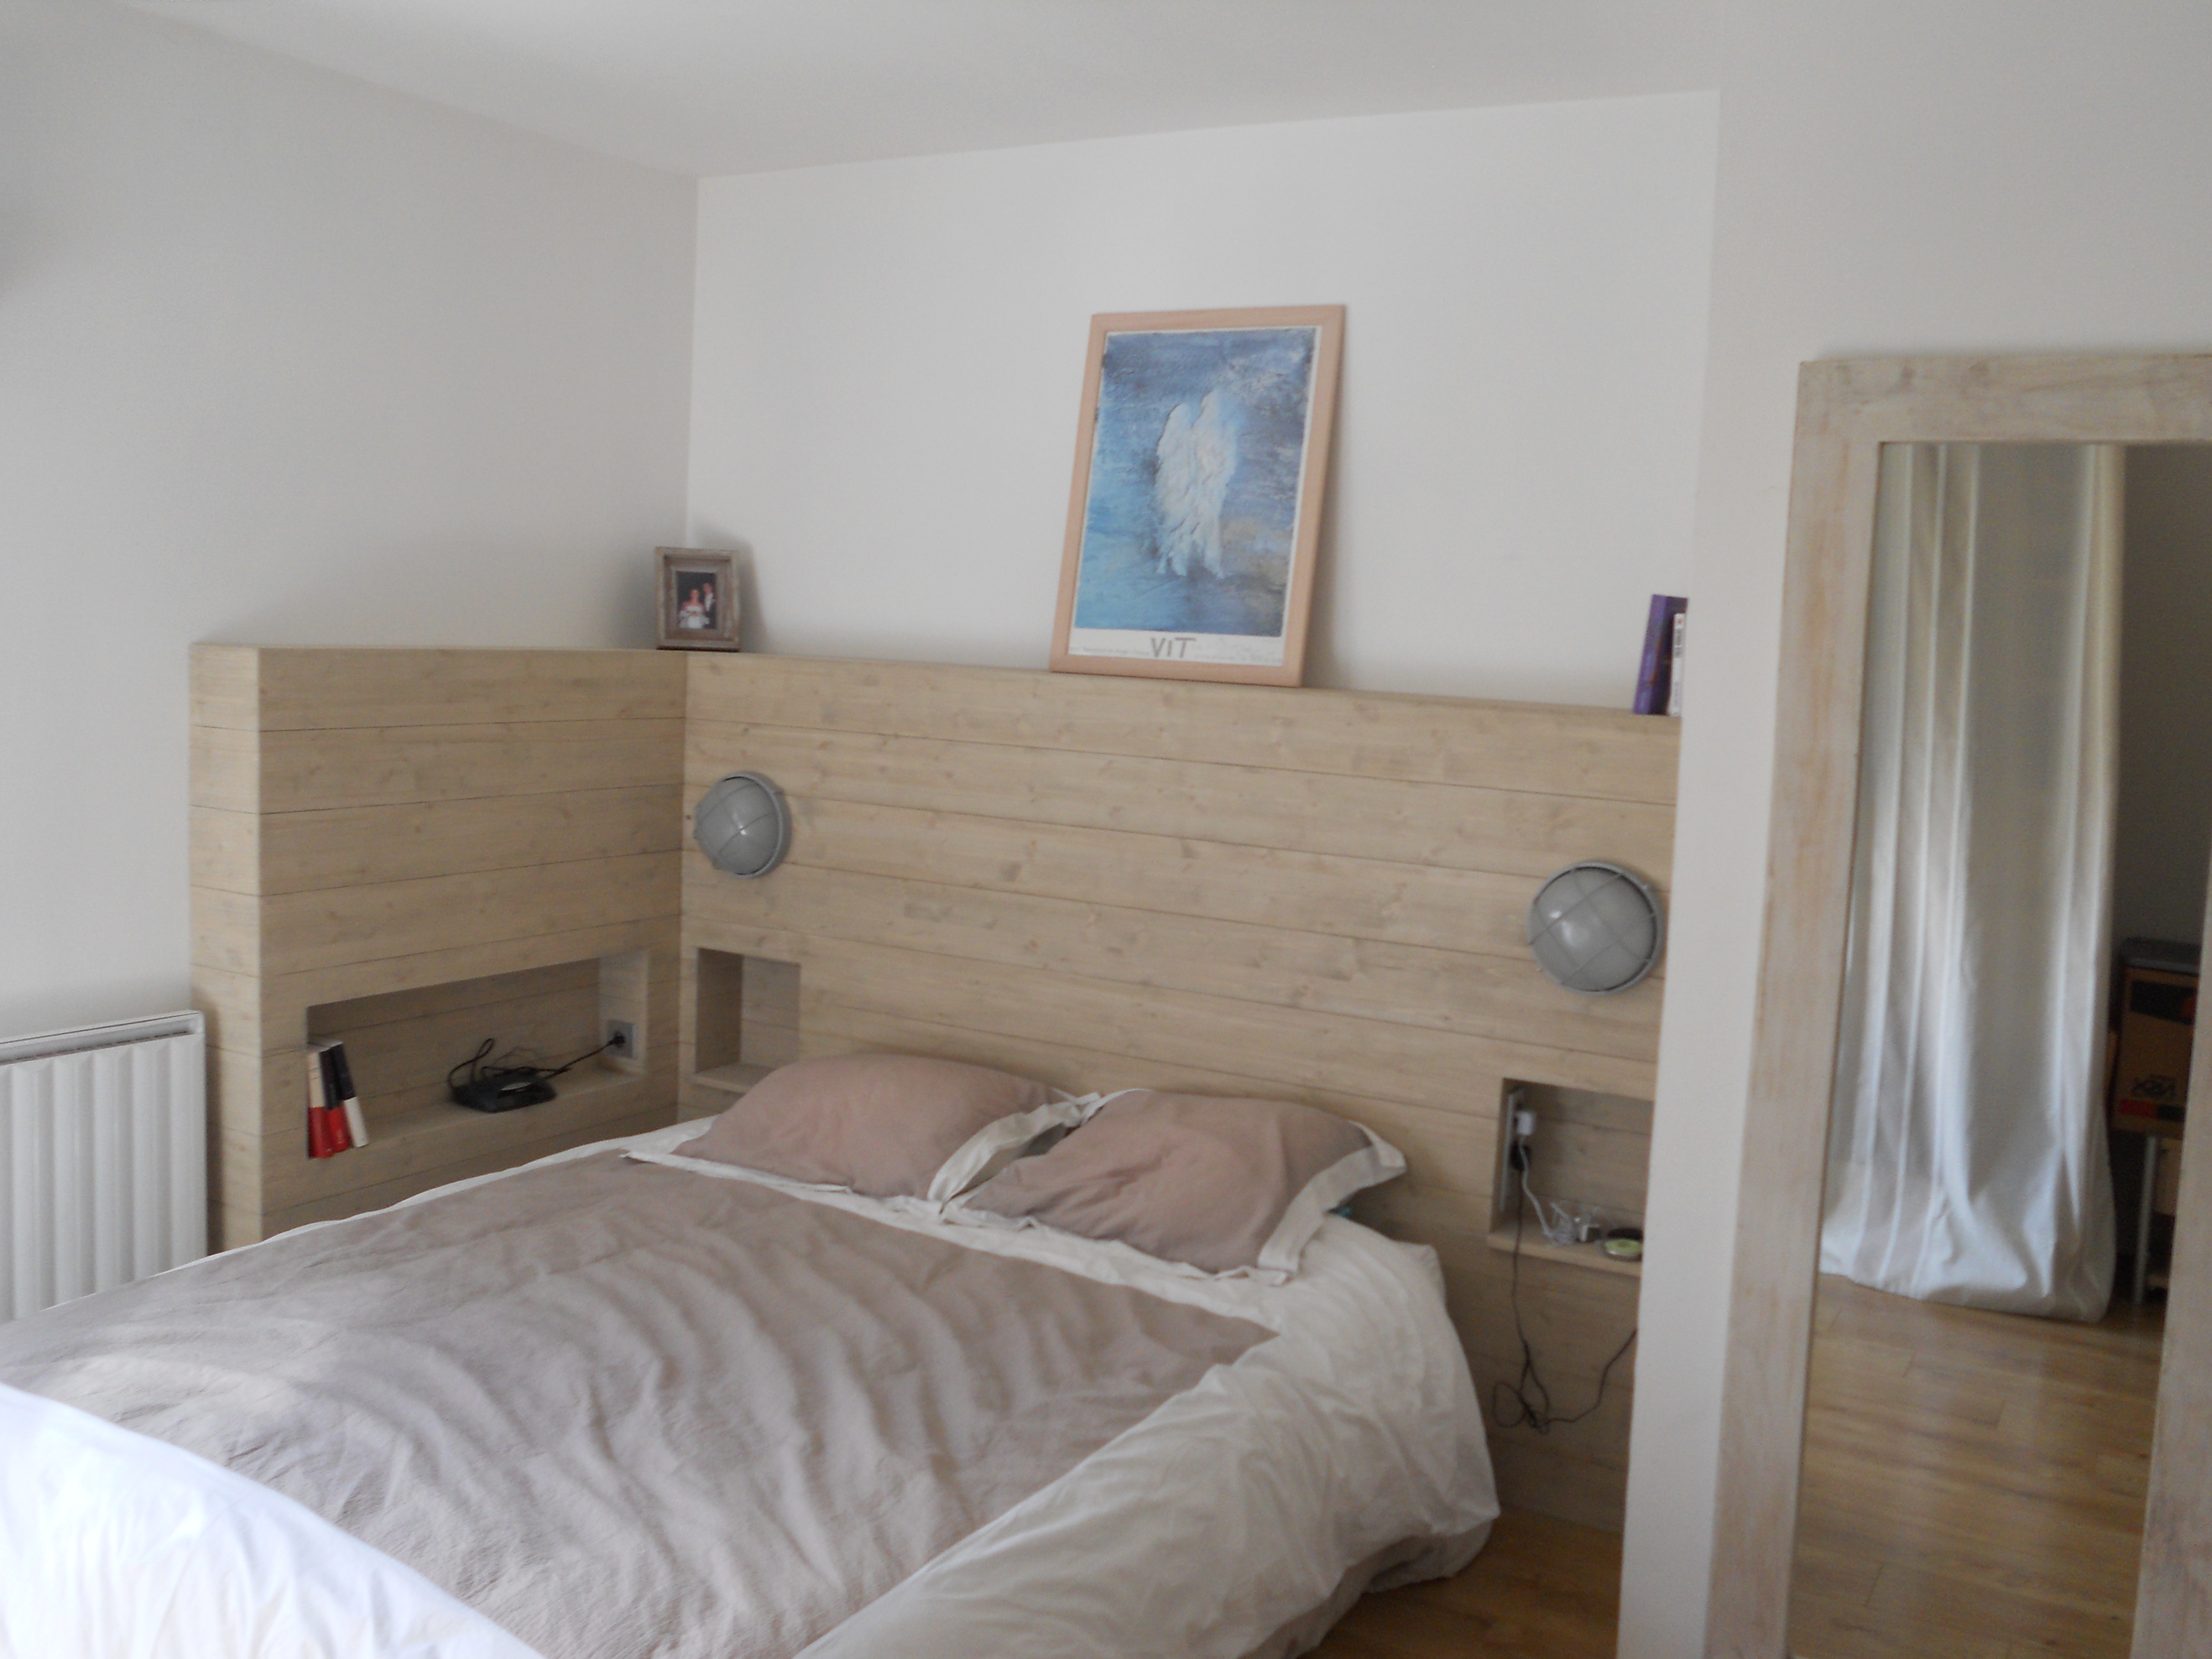 tete de lit tasseau fixer tous vos tasseaux entre eux en reprenant la premire mthode utilise pr. Black Bedroom Furniture Sets. Home Design Ideas